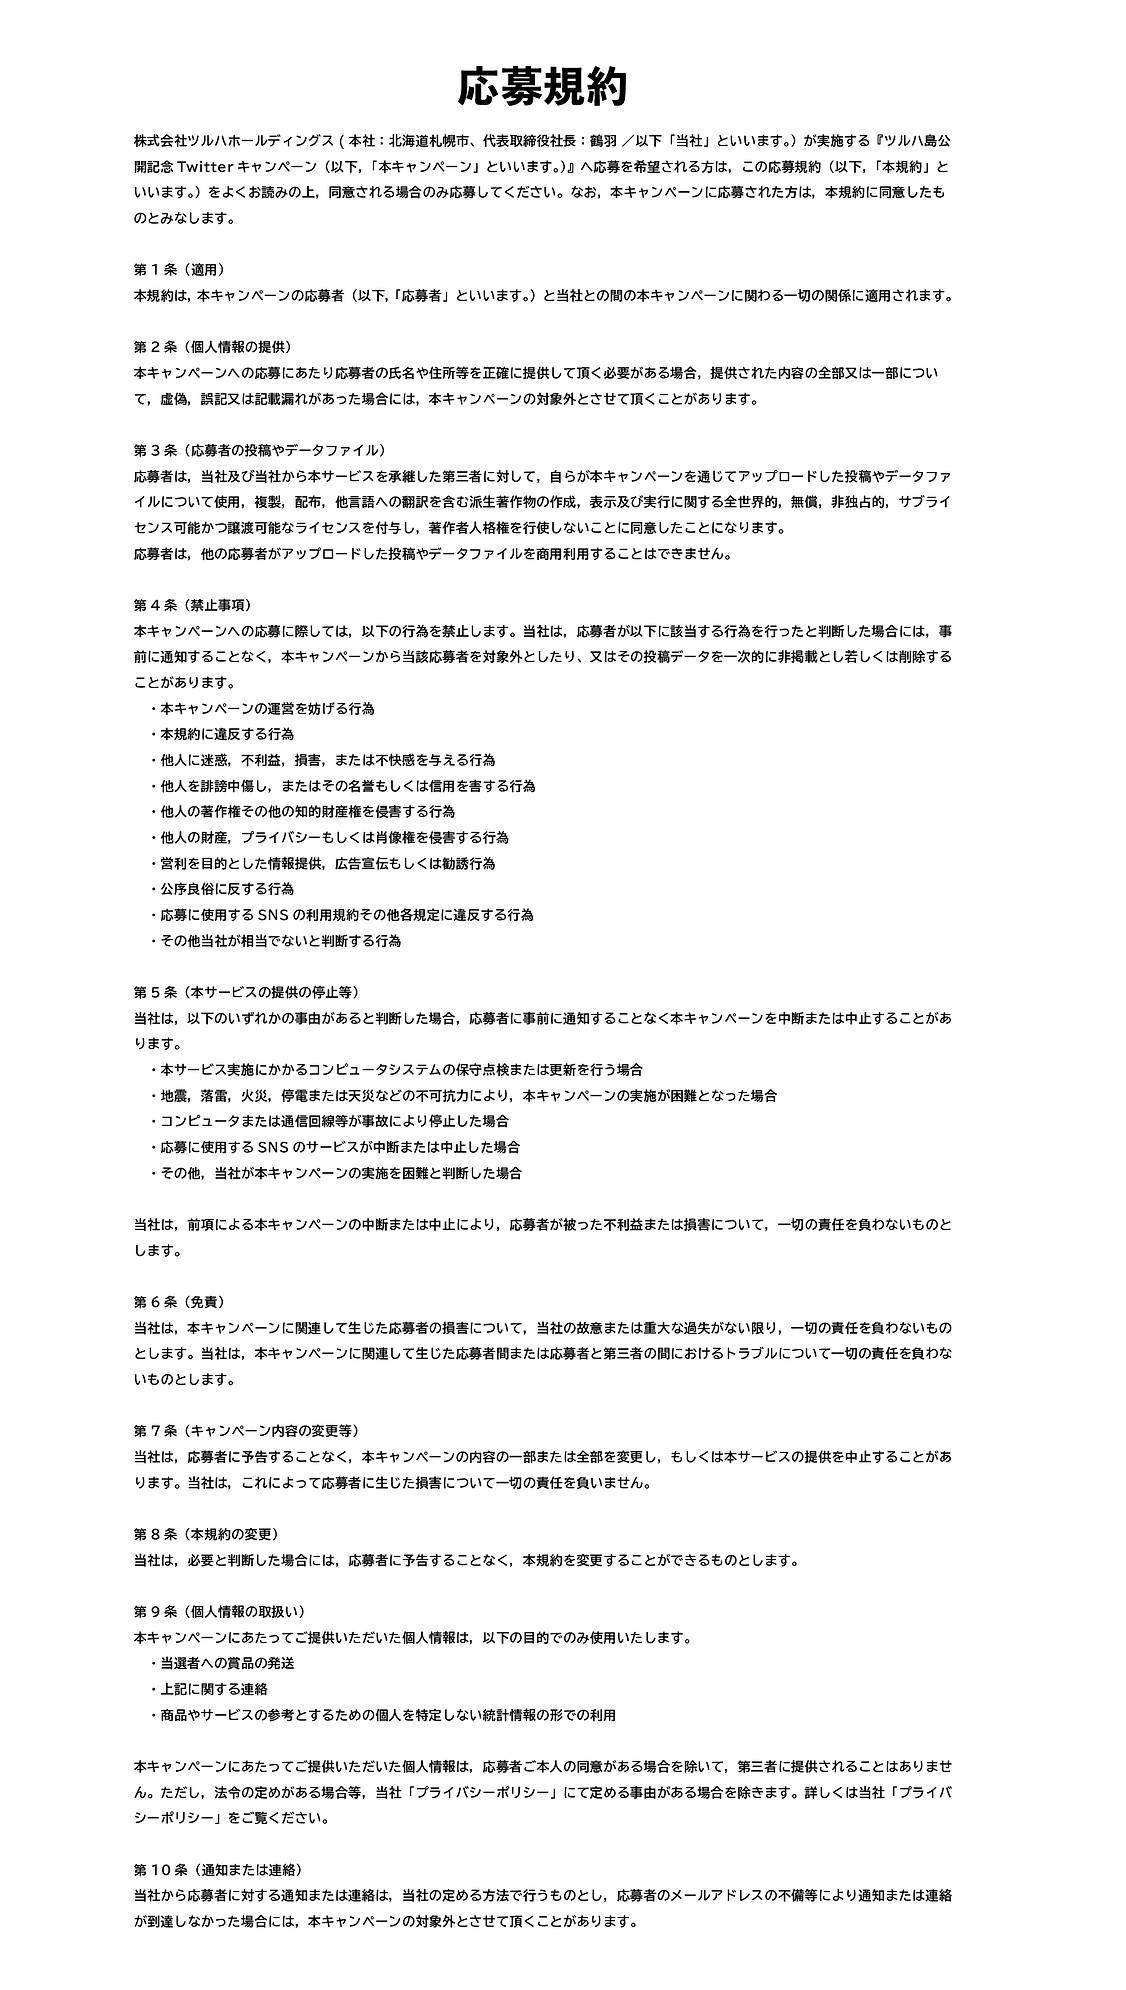 LP5-05.jpg